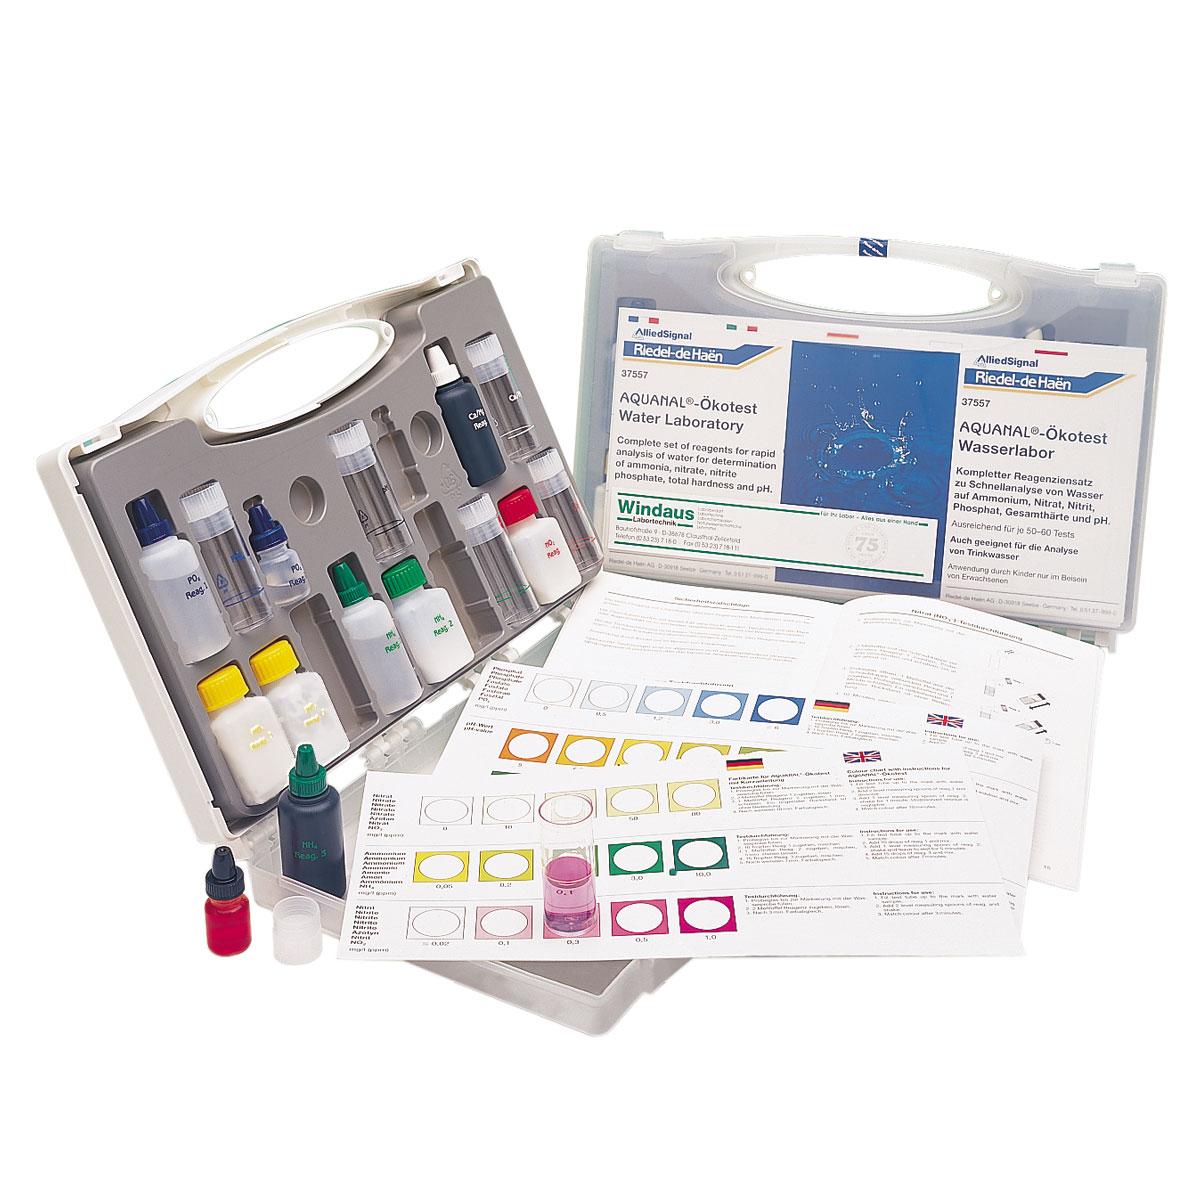 test cologique laboratoire d 39 analyse d 39 eau 1003785 w11710 kits sciences de l. Black Bedroom Furniture Sets. Home Design Ideas